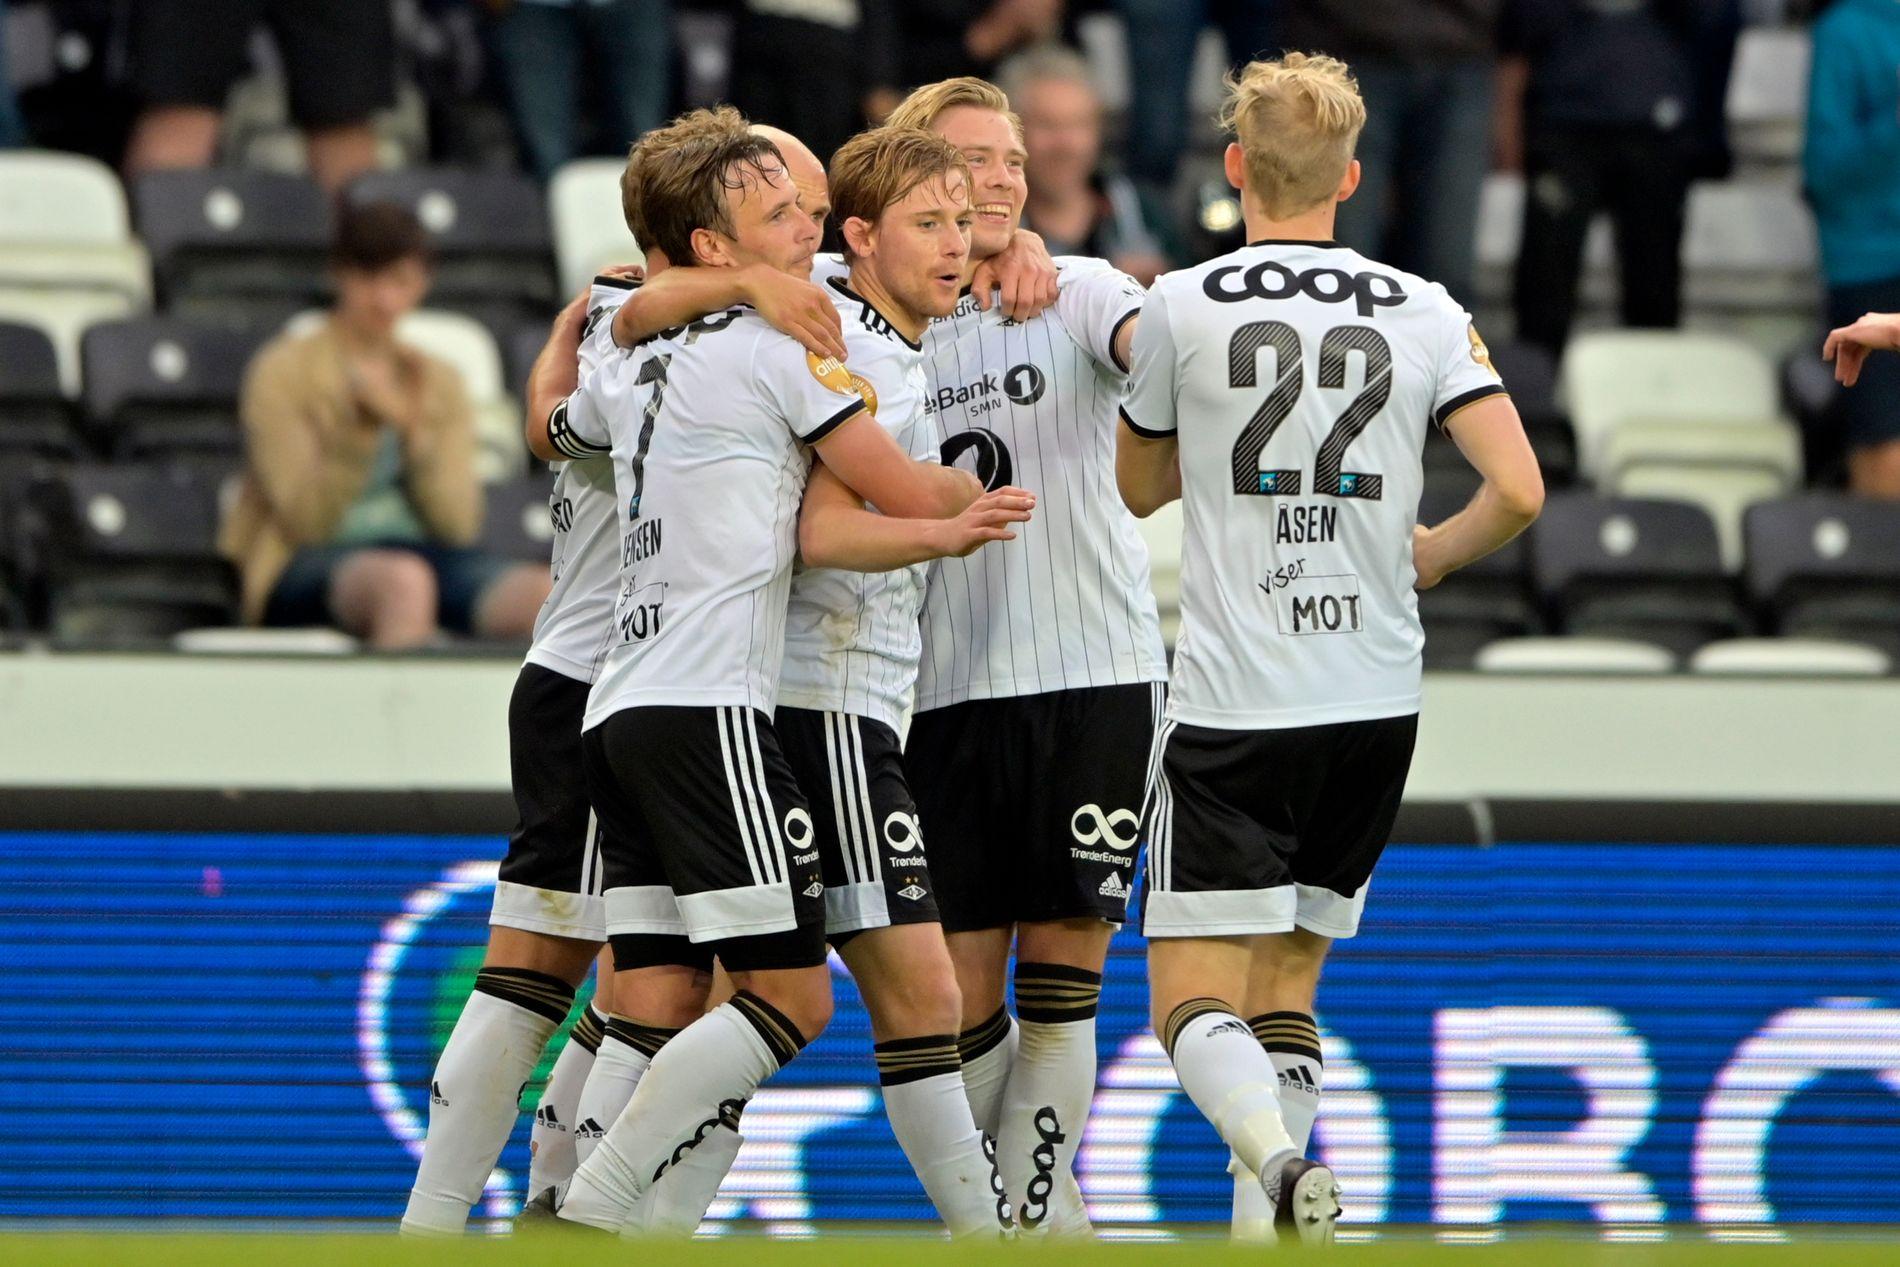 OPPTUR: Rosenborg fikk endelig en grunn til å smile da Vålerenga ble beseiret 3–0 på Lerkendal søndag.